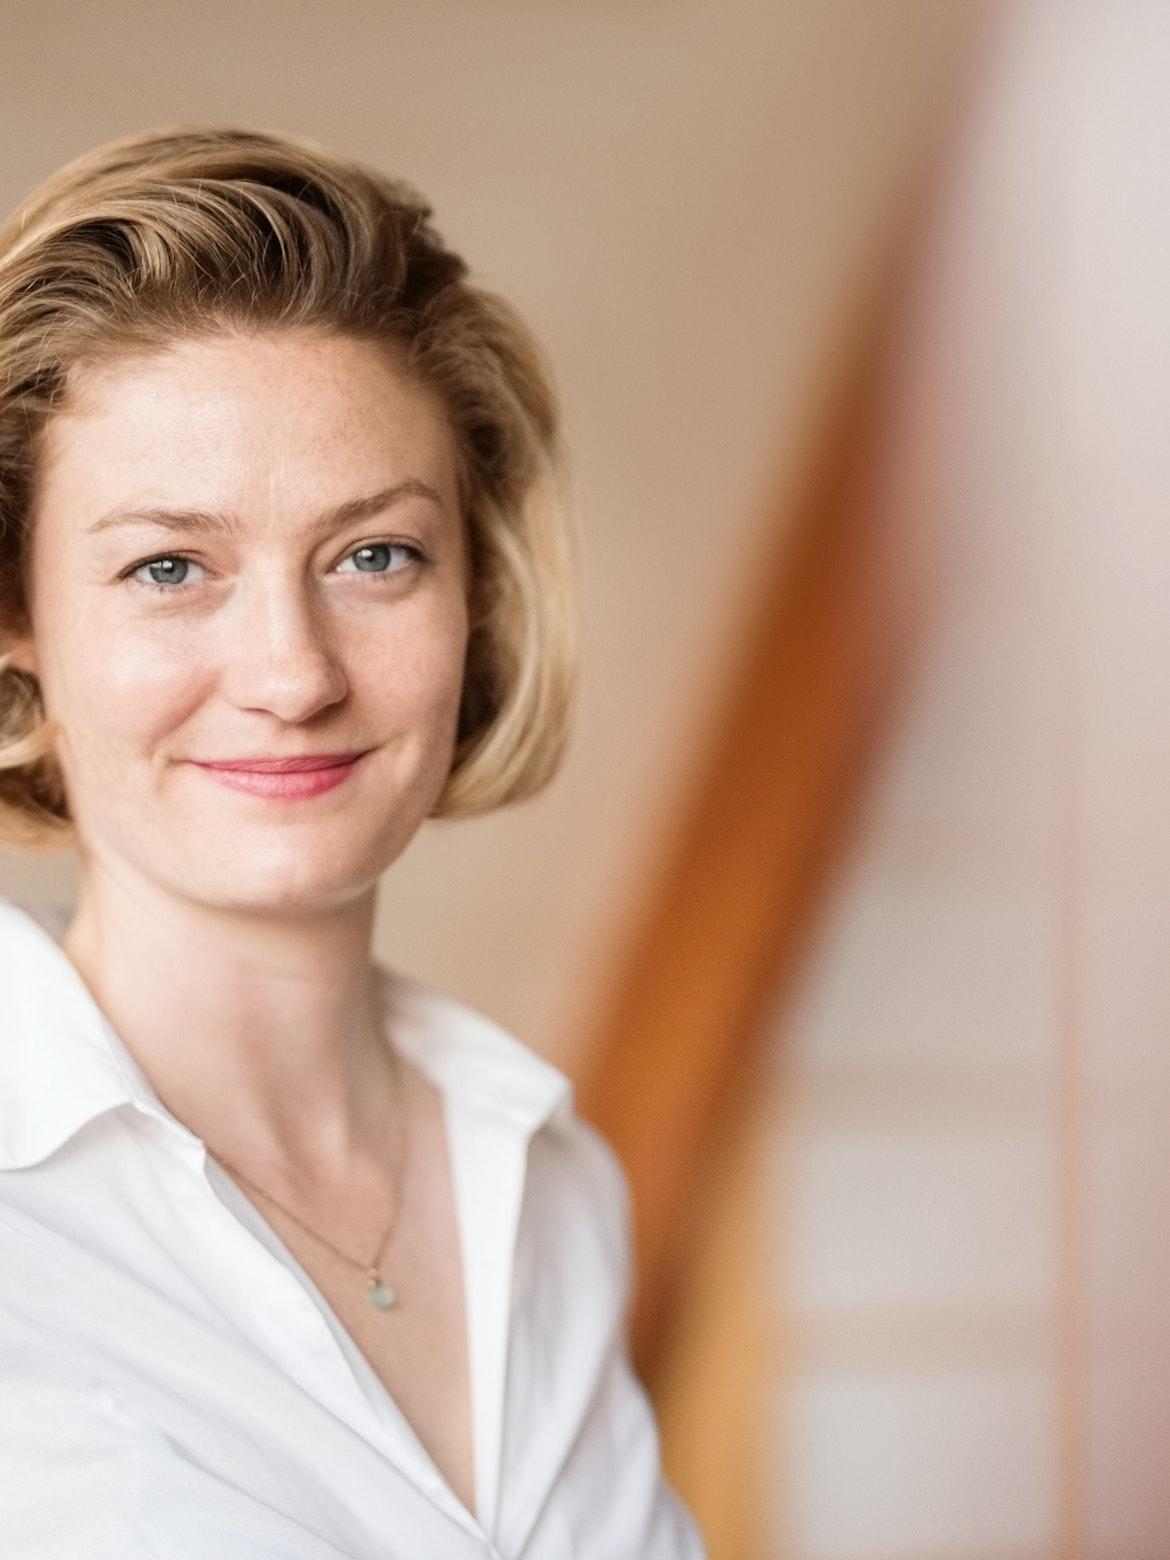 Kvinne i hvit skjorte smiler i kamera